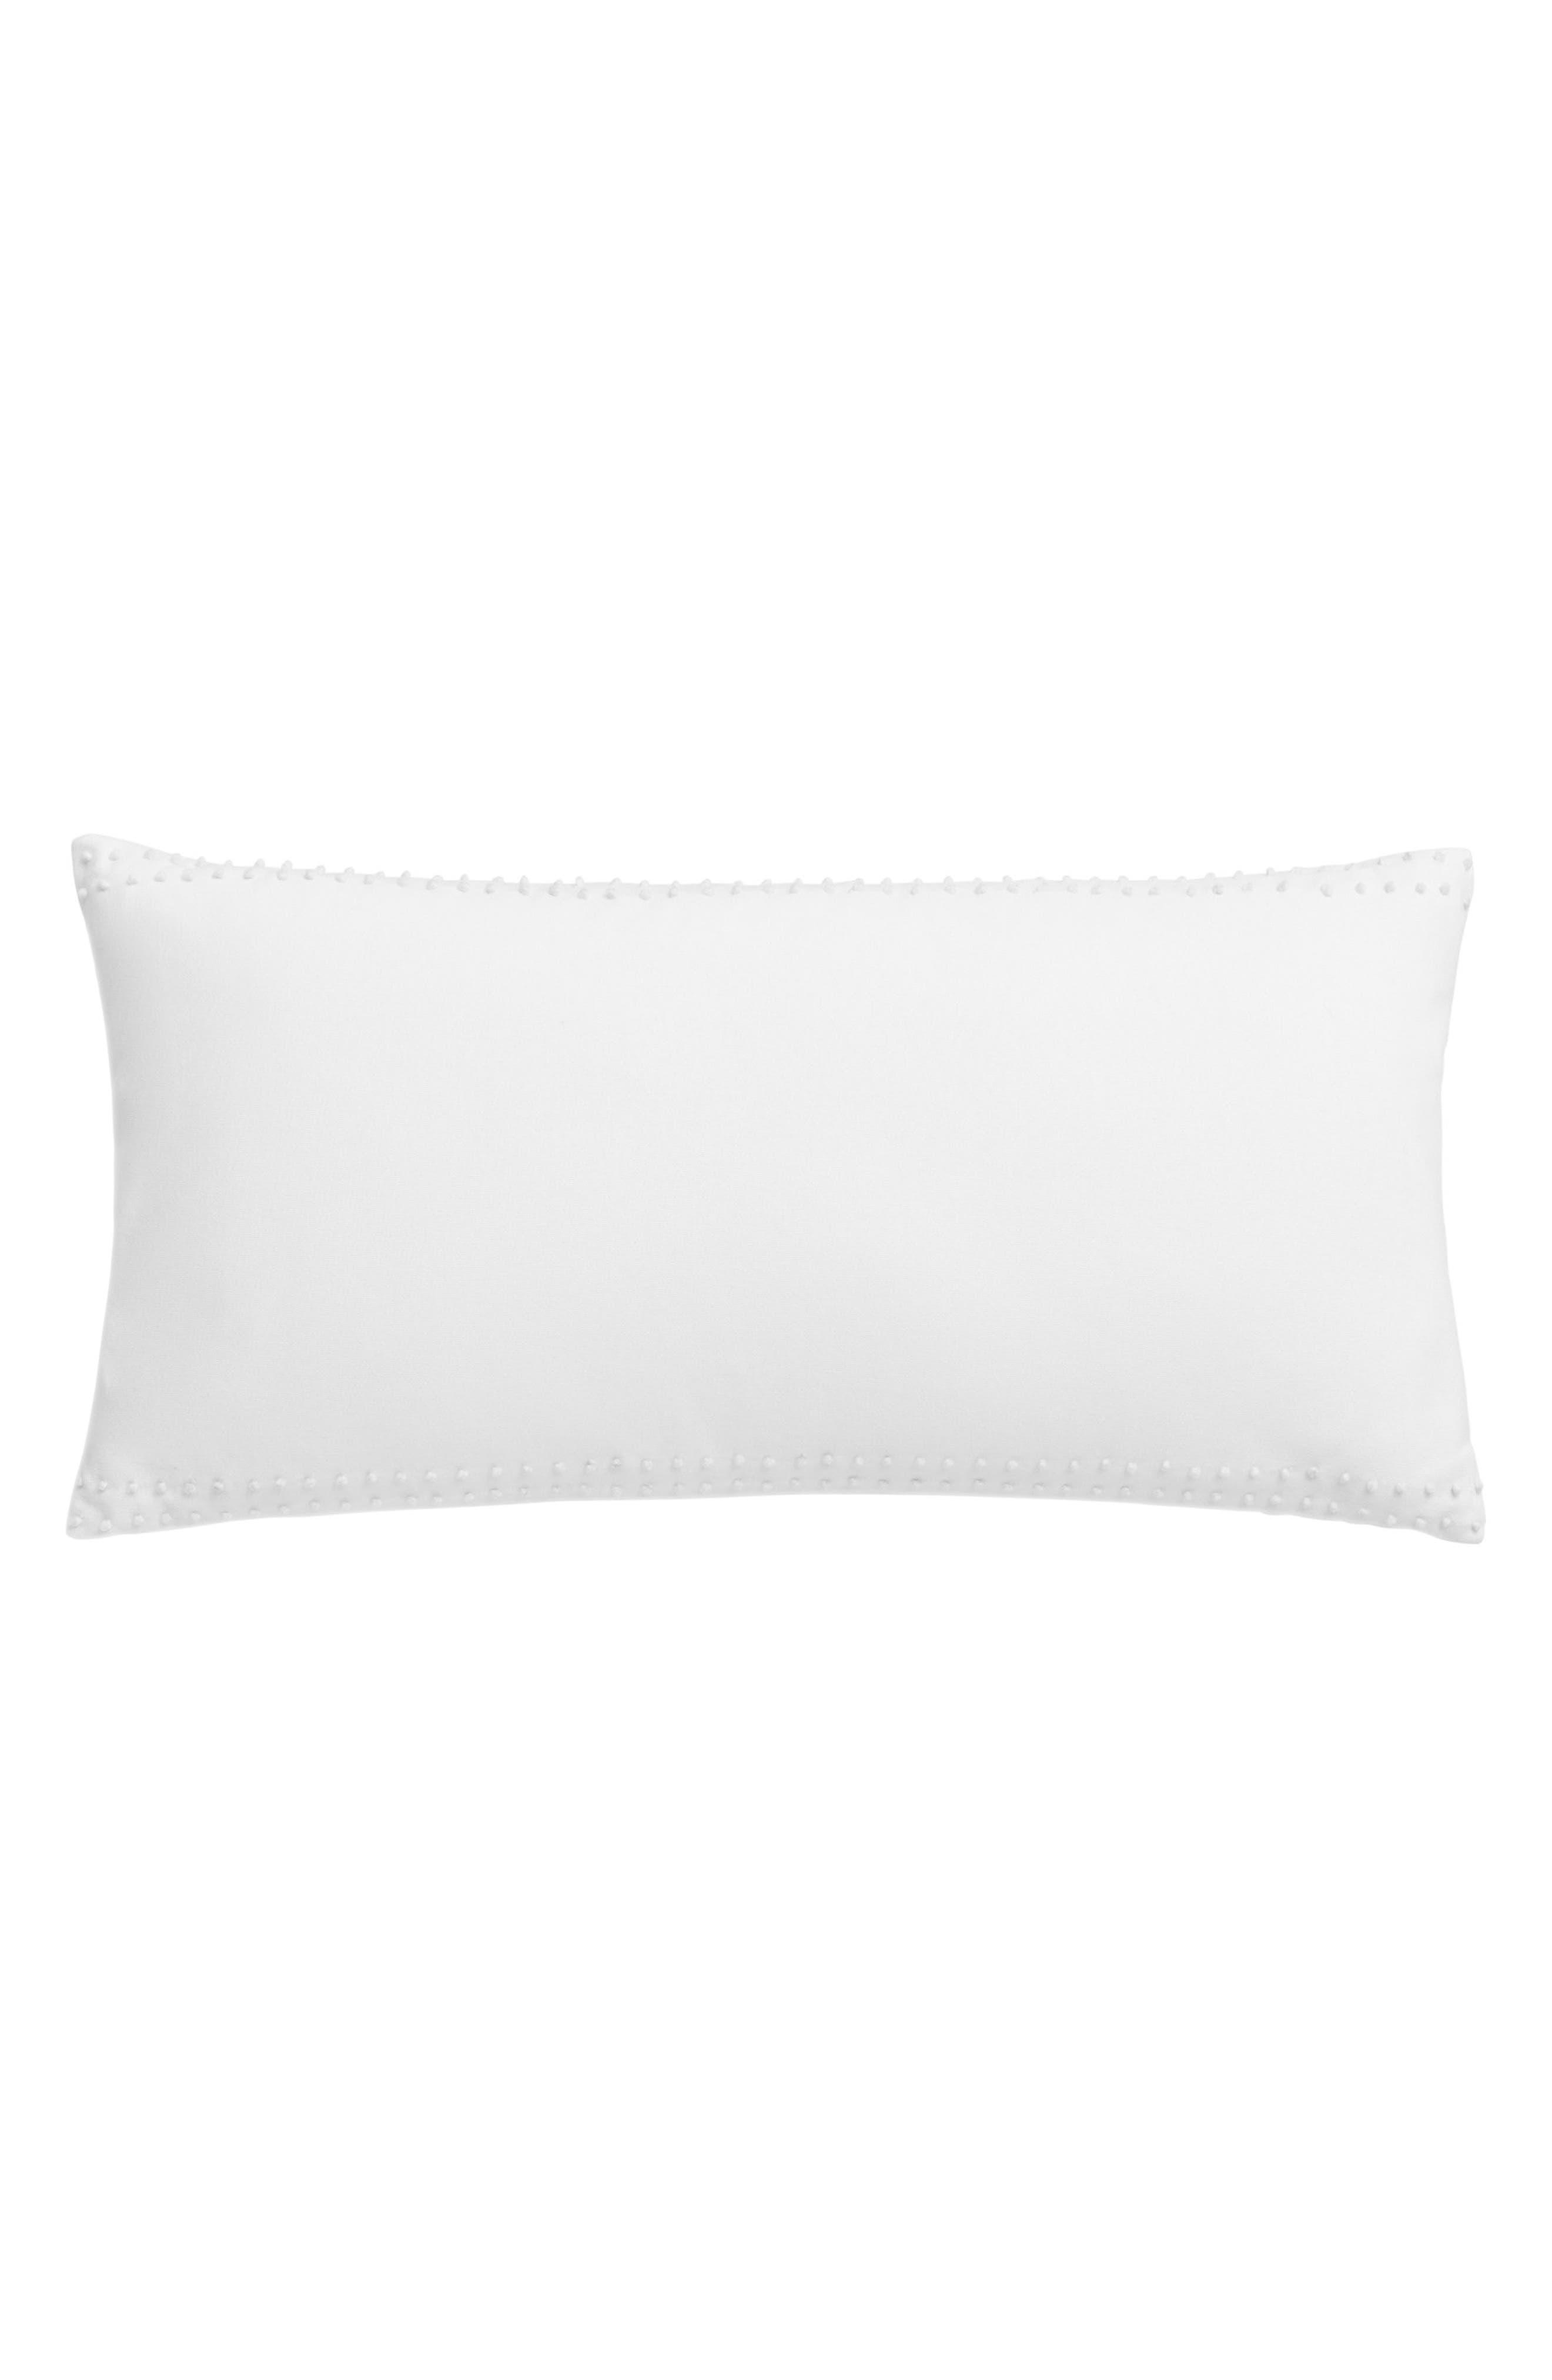 Jill Rosenwald Blackpoint Hex Pillow